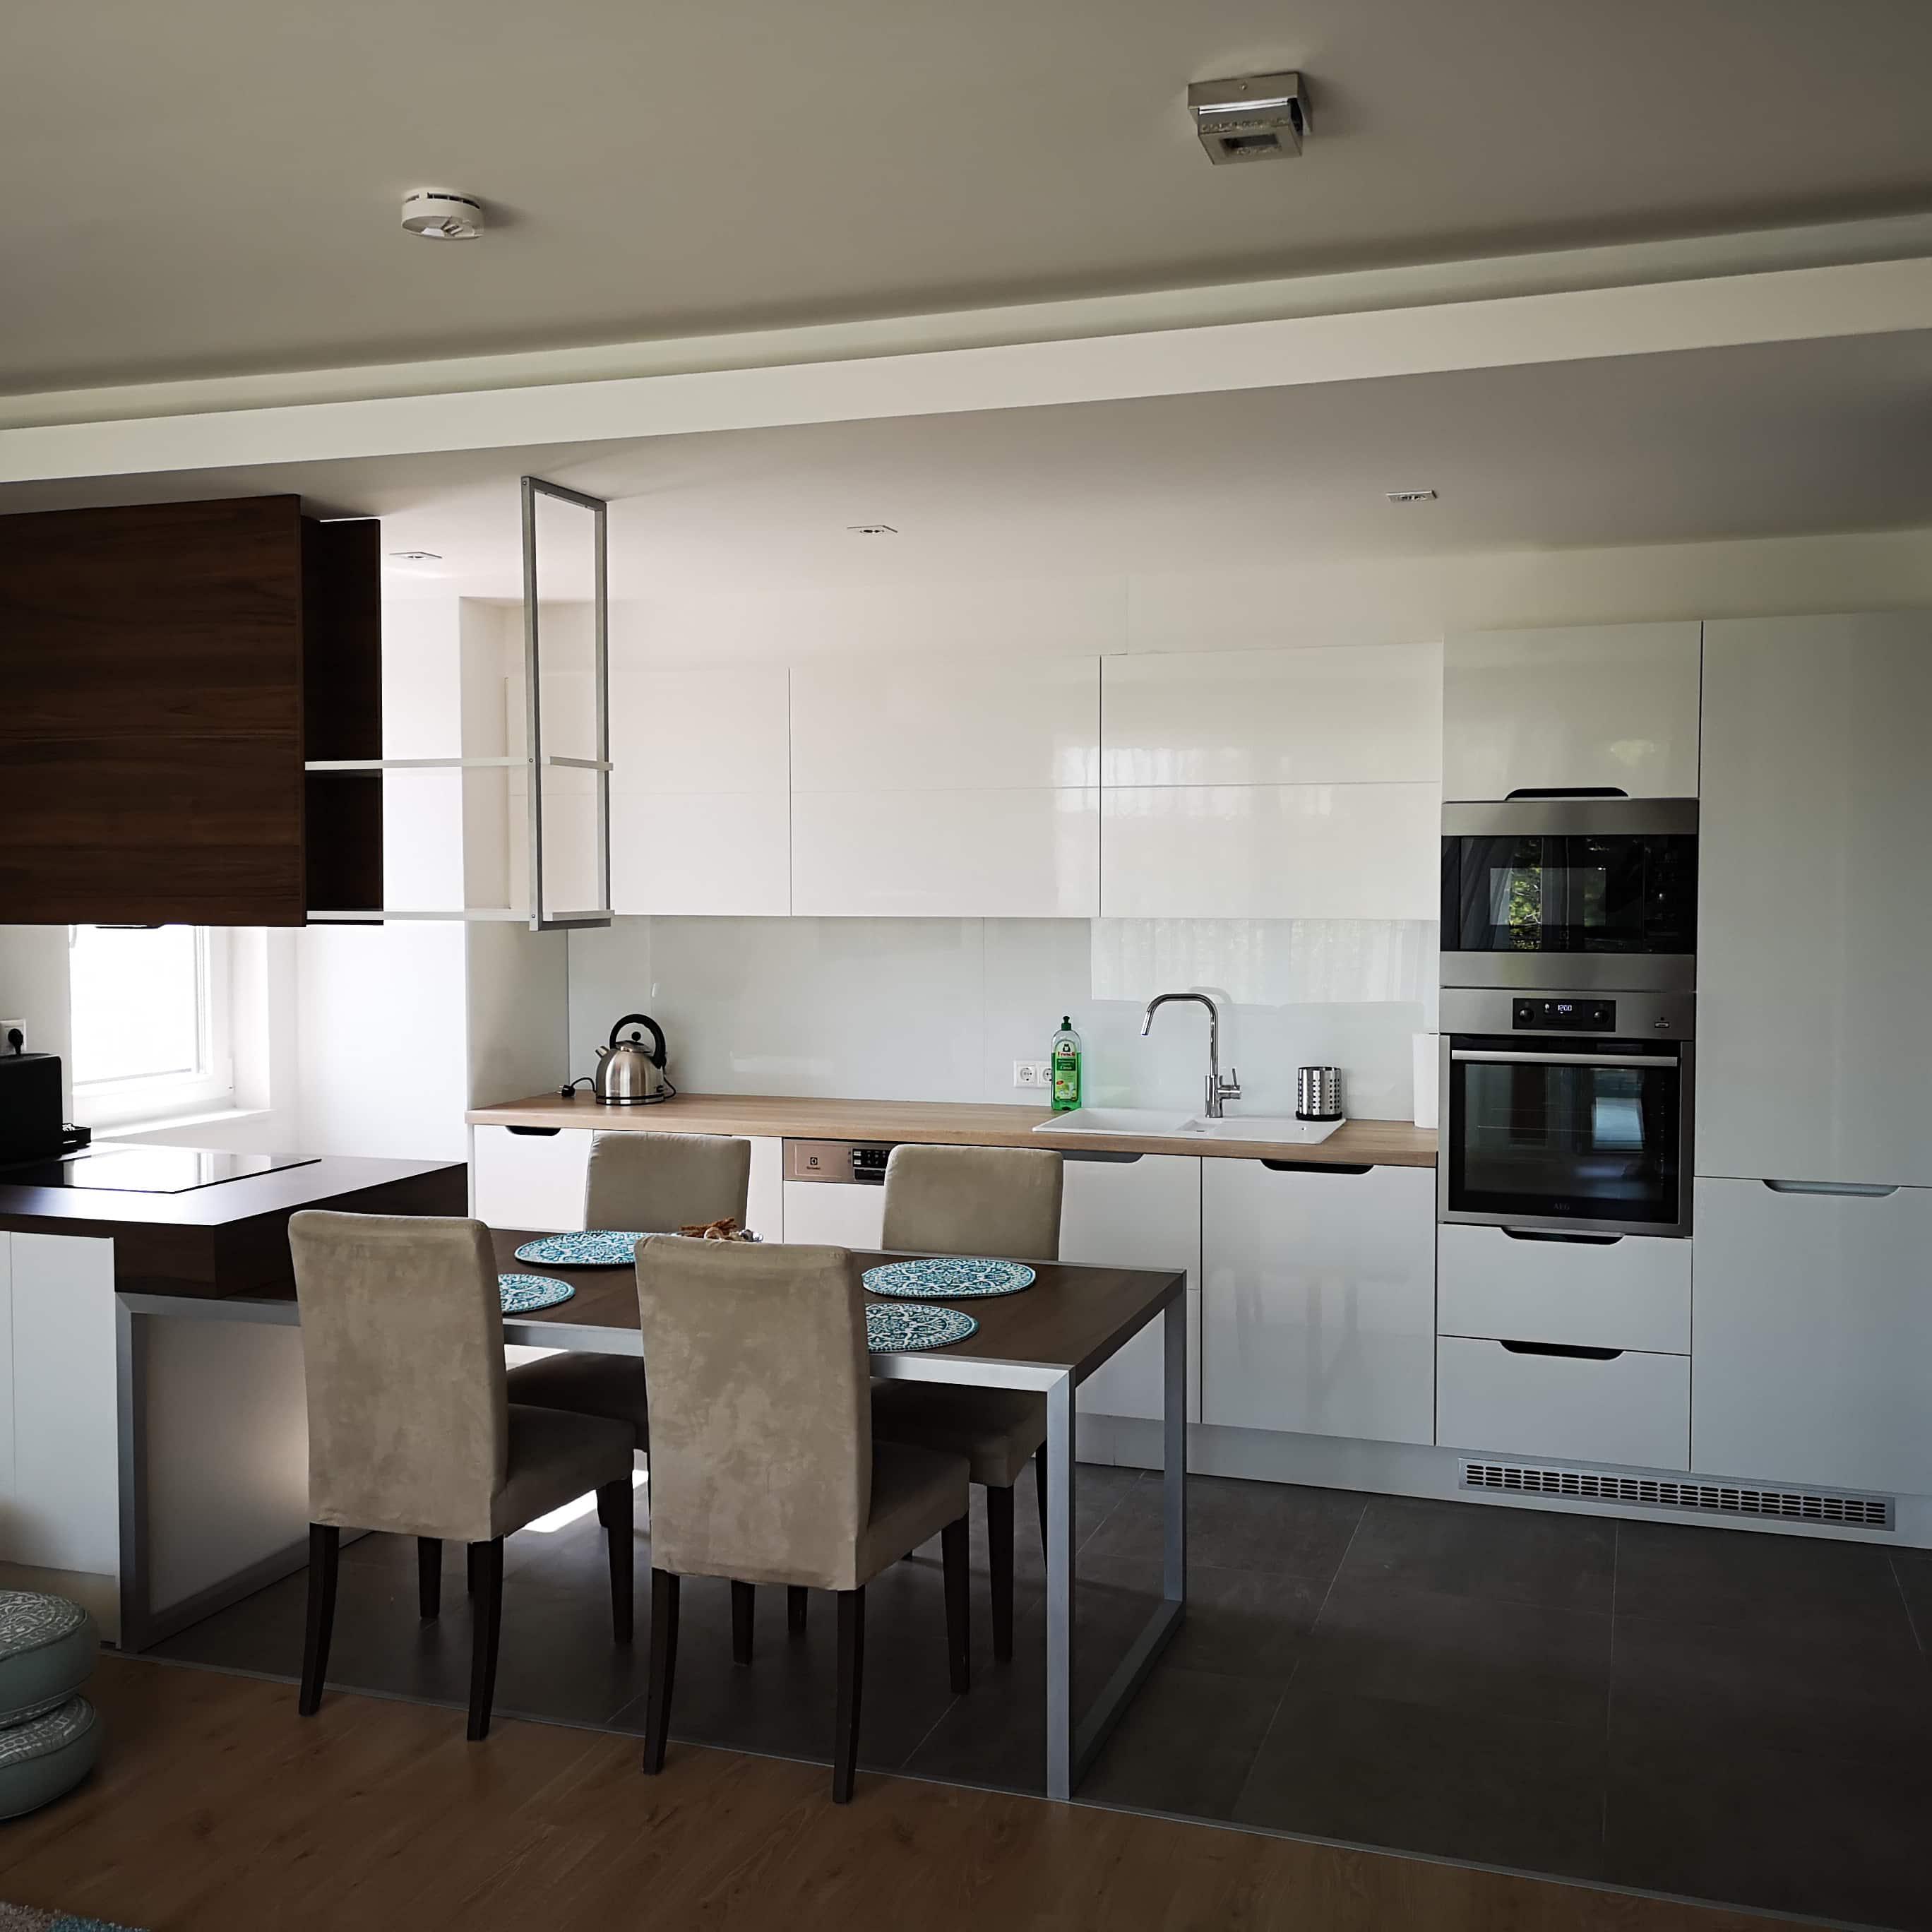 Konyha integrált asztallal - magasfényű fehér ajtók , fogantyú kivágással